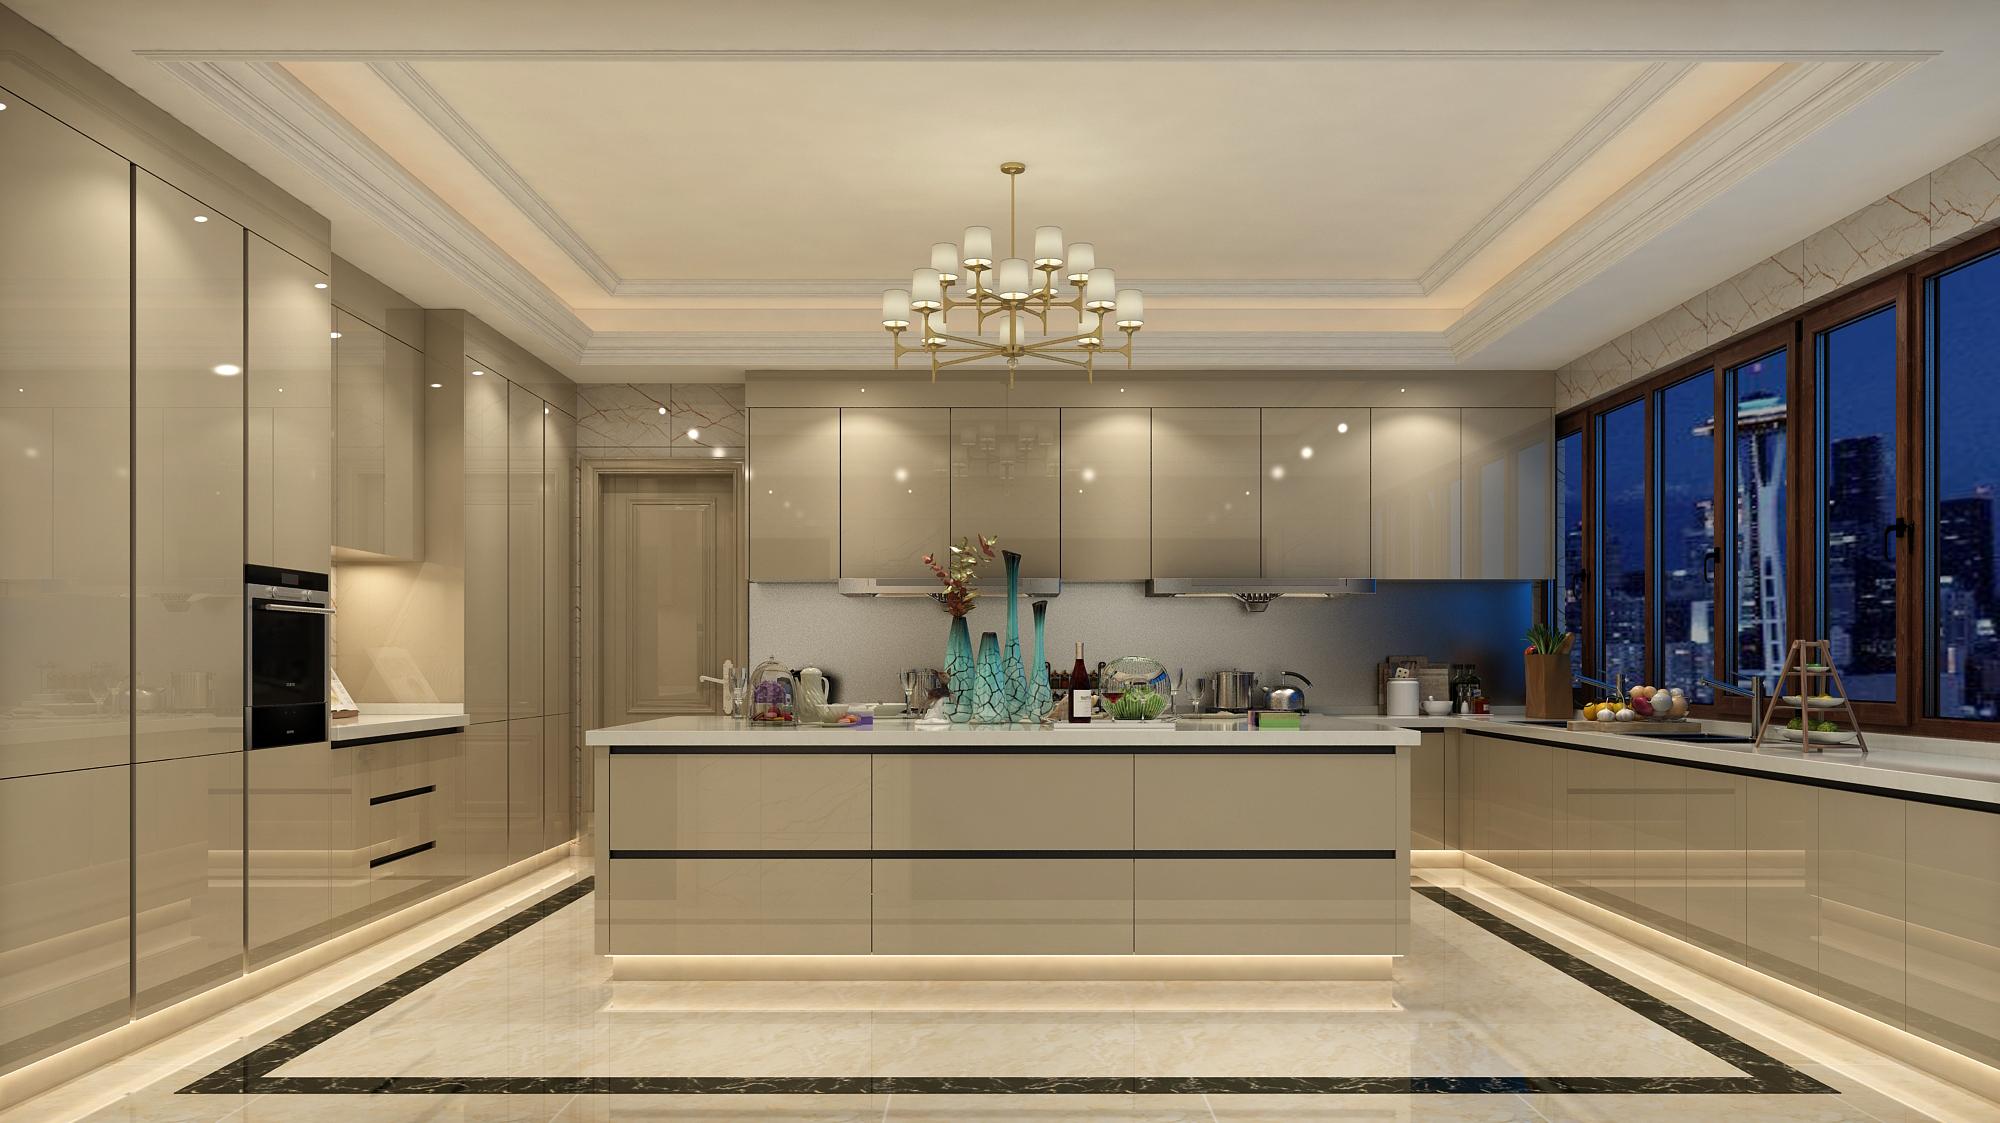 广州橱柜设计公司:什么是开放式厨房?